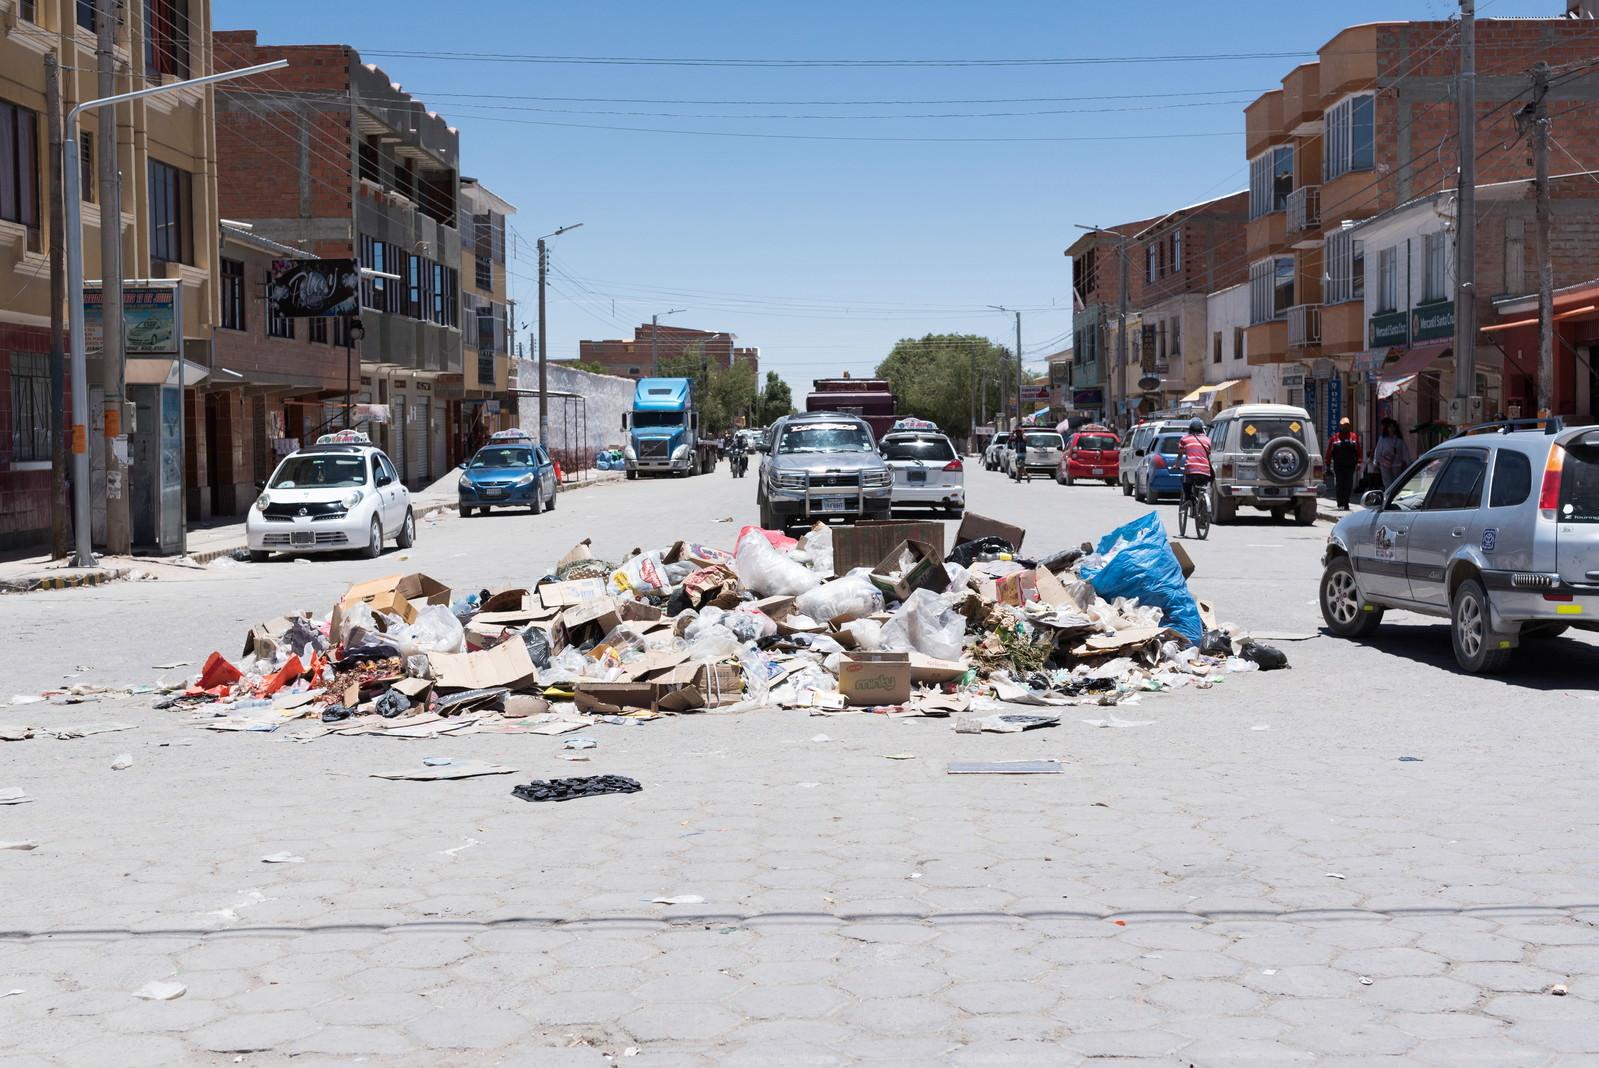 「ウユニ市内に散乱するゴミ問題ウユニ市内に散乱するゴミ問題」のフリー写真素材を拡大